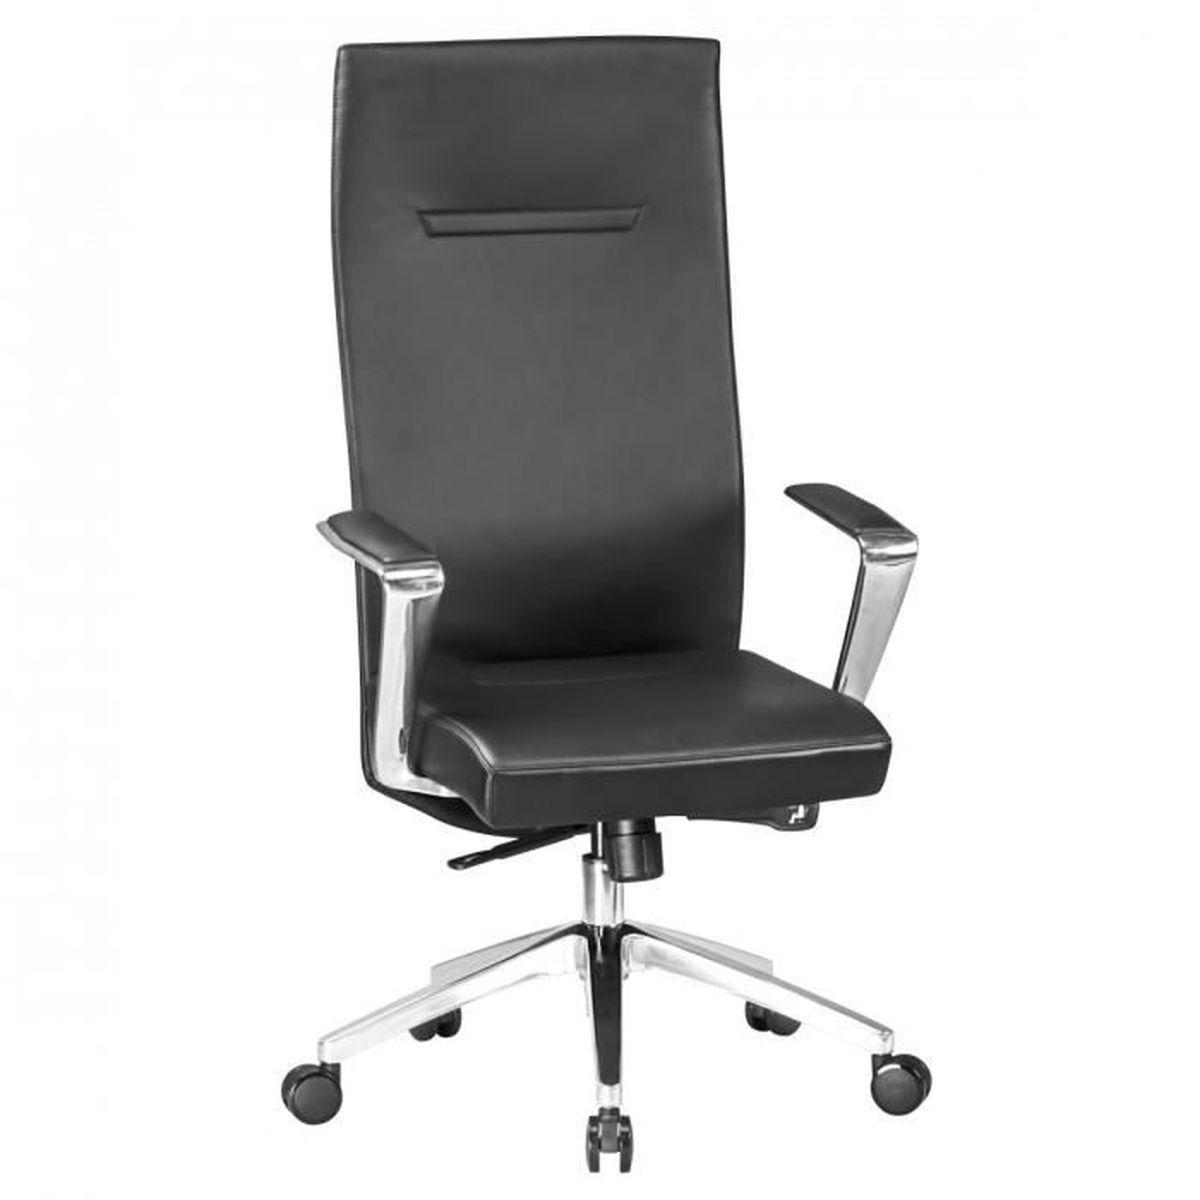 amstyle chaise de bureau denver chaise de bureau e Résultat Supérieur 5 Bon Marché Chaise De Bureau Xxl Image 2018 Iqt4